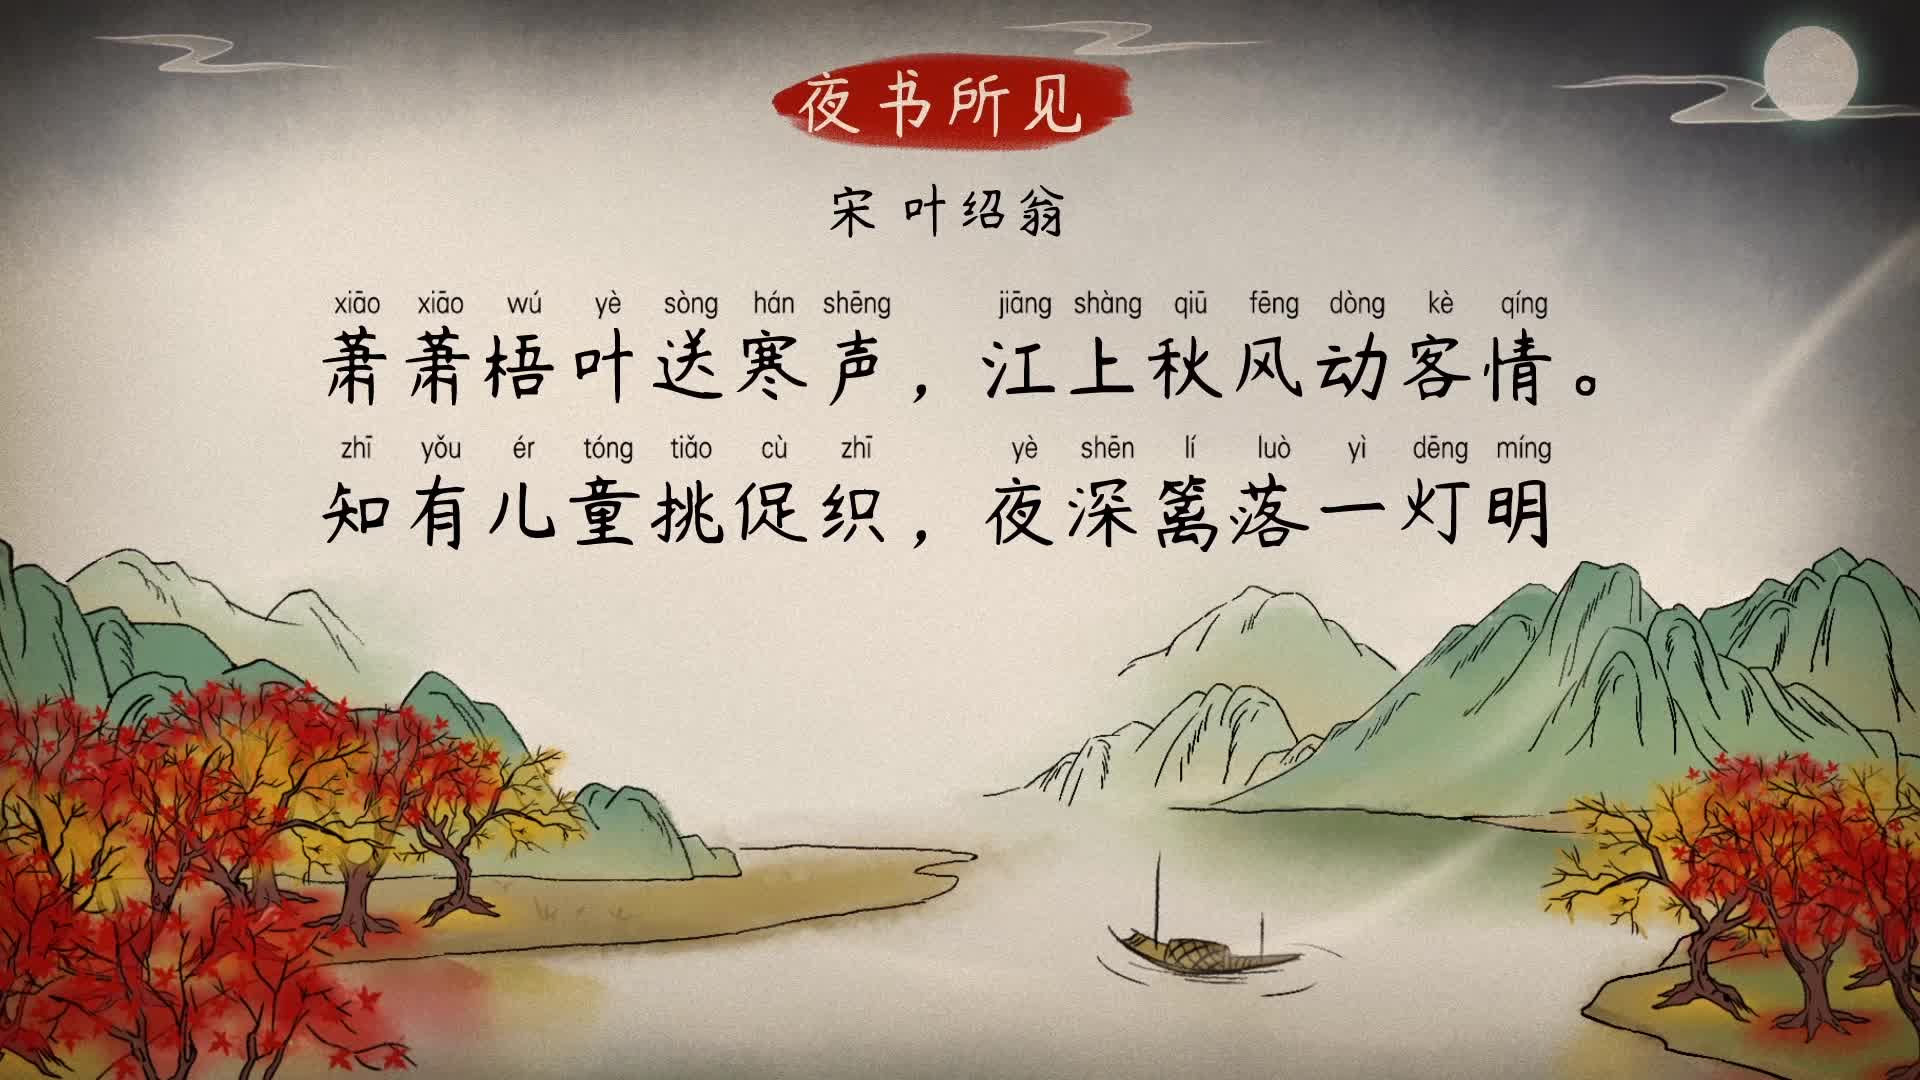 《小学古诗》32夜书所见-宋 叶绍翁